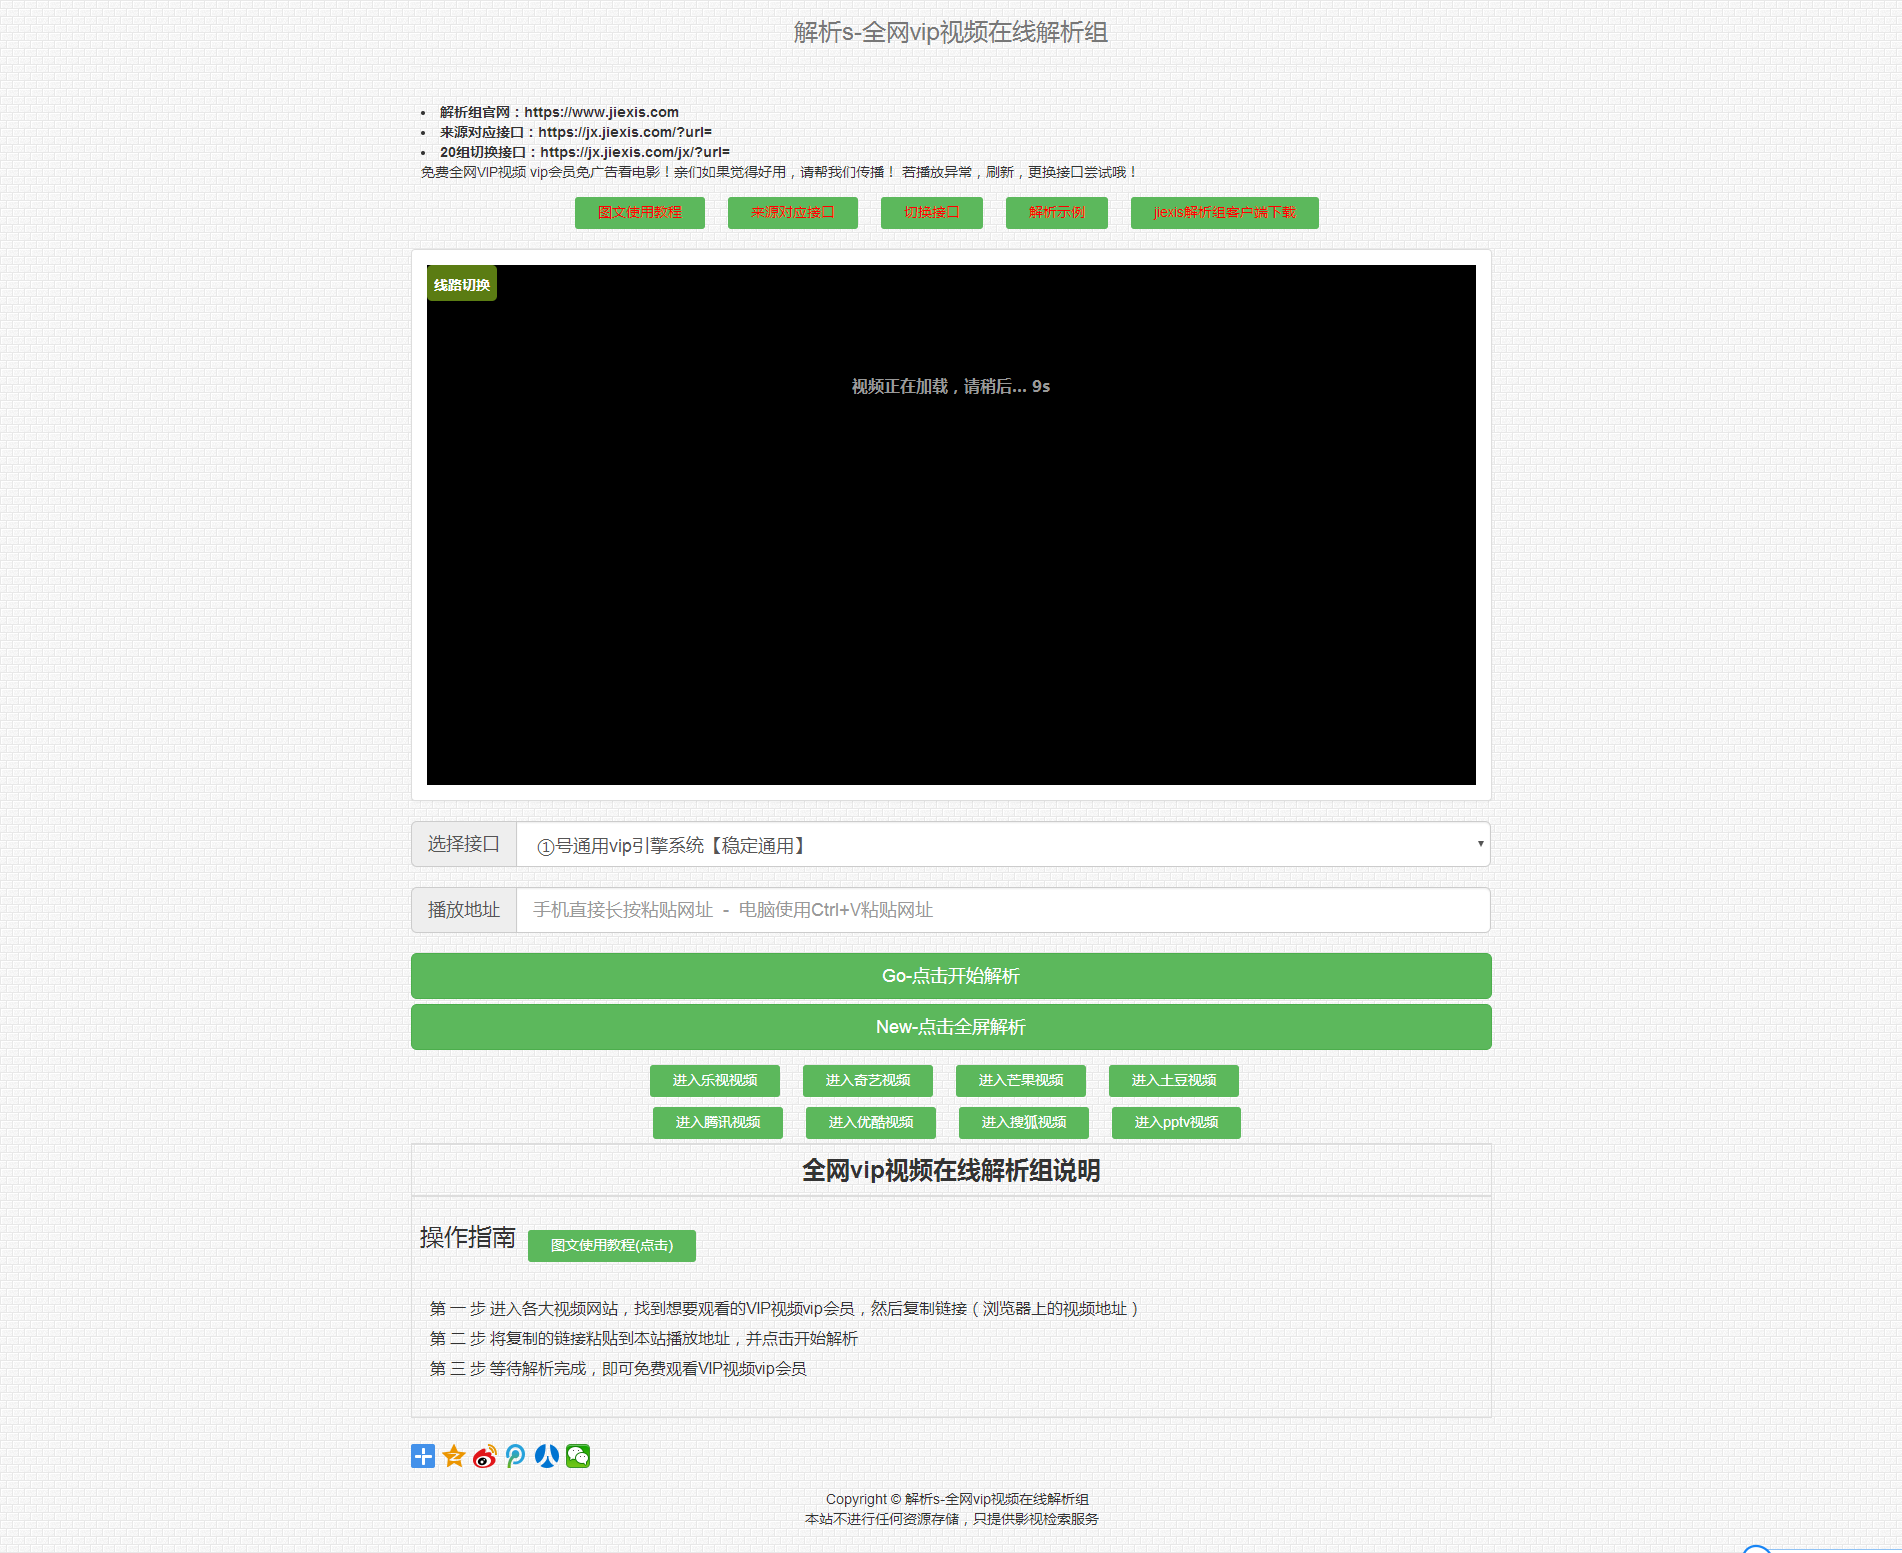 一元源码:解析网整站打包上传空间即可